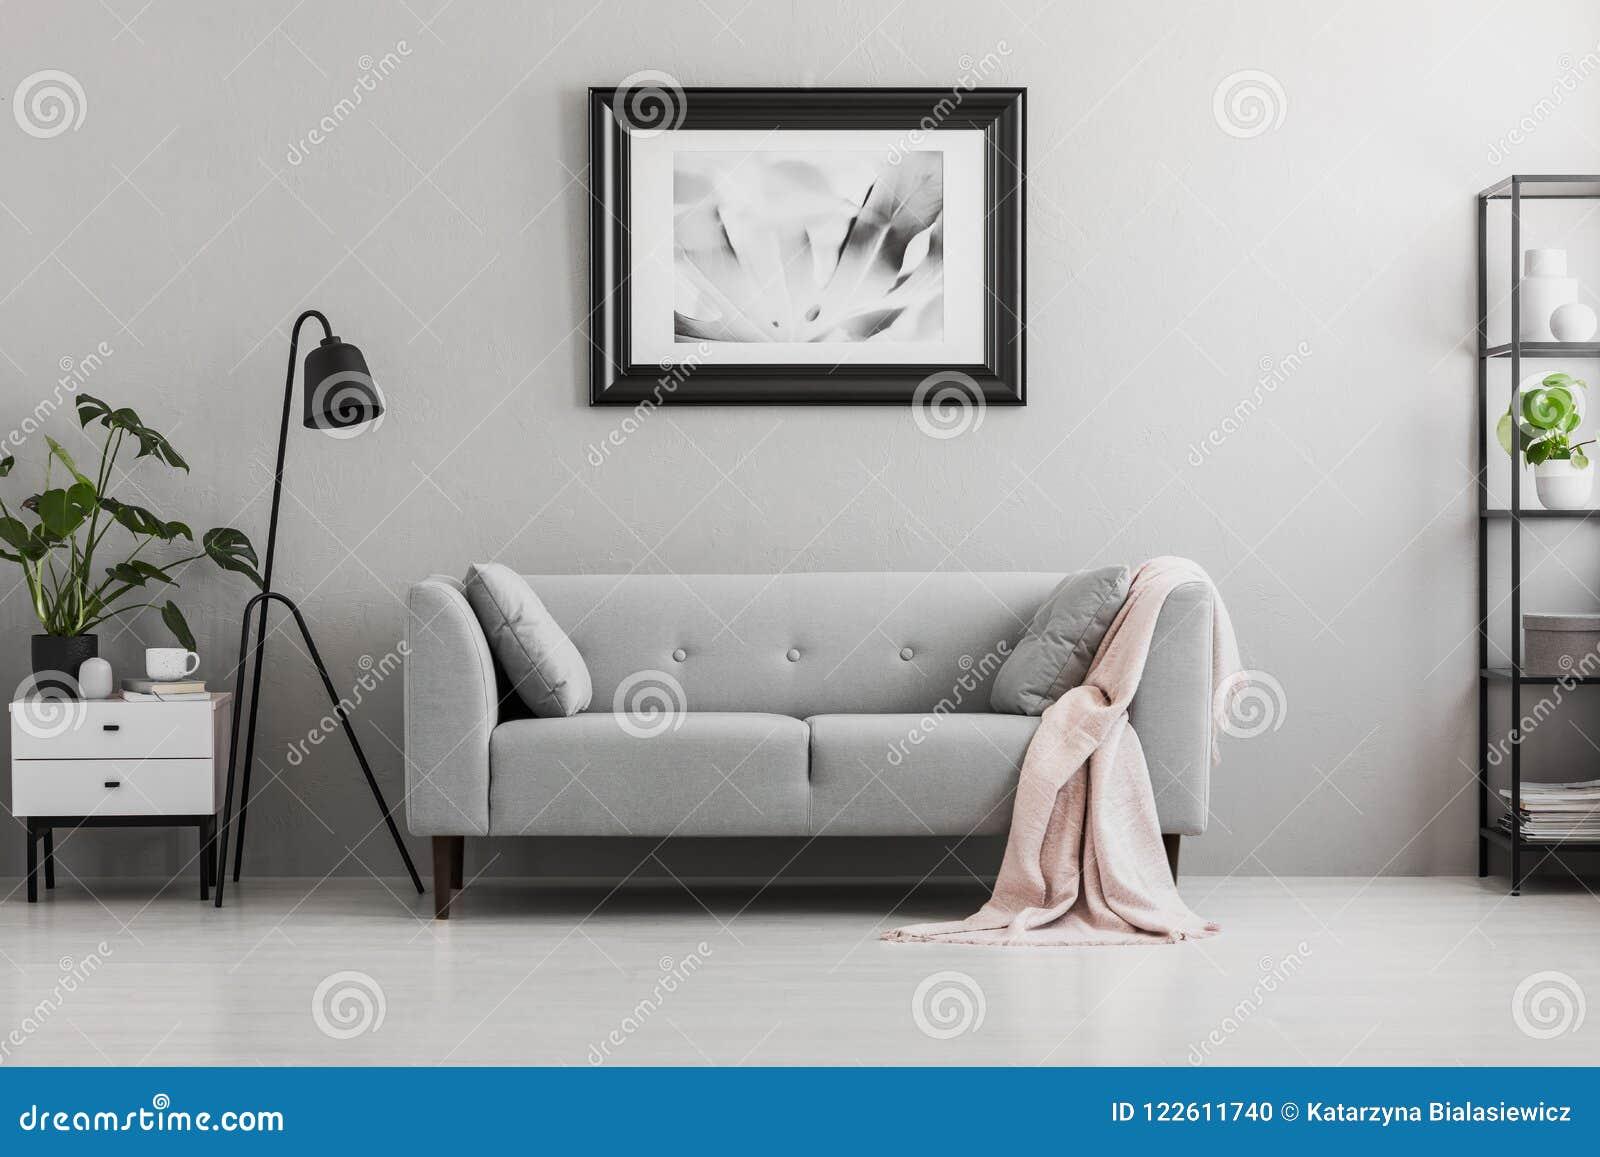 Przemysłowa czarna podłogowa lampa i różowa koc na eleganckiej kozetce z poduszkami w szarym żywym izbowym wnętrzu z miejscem dla